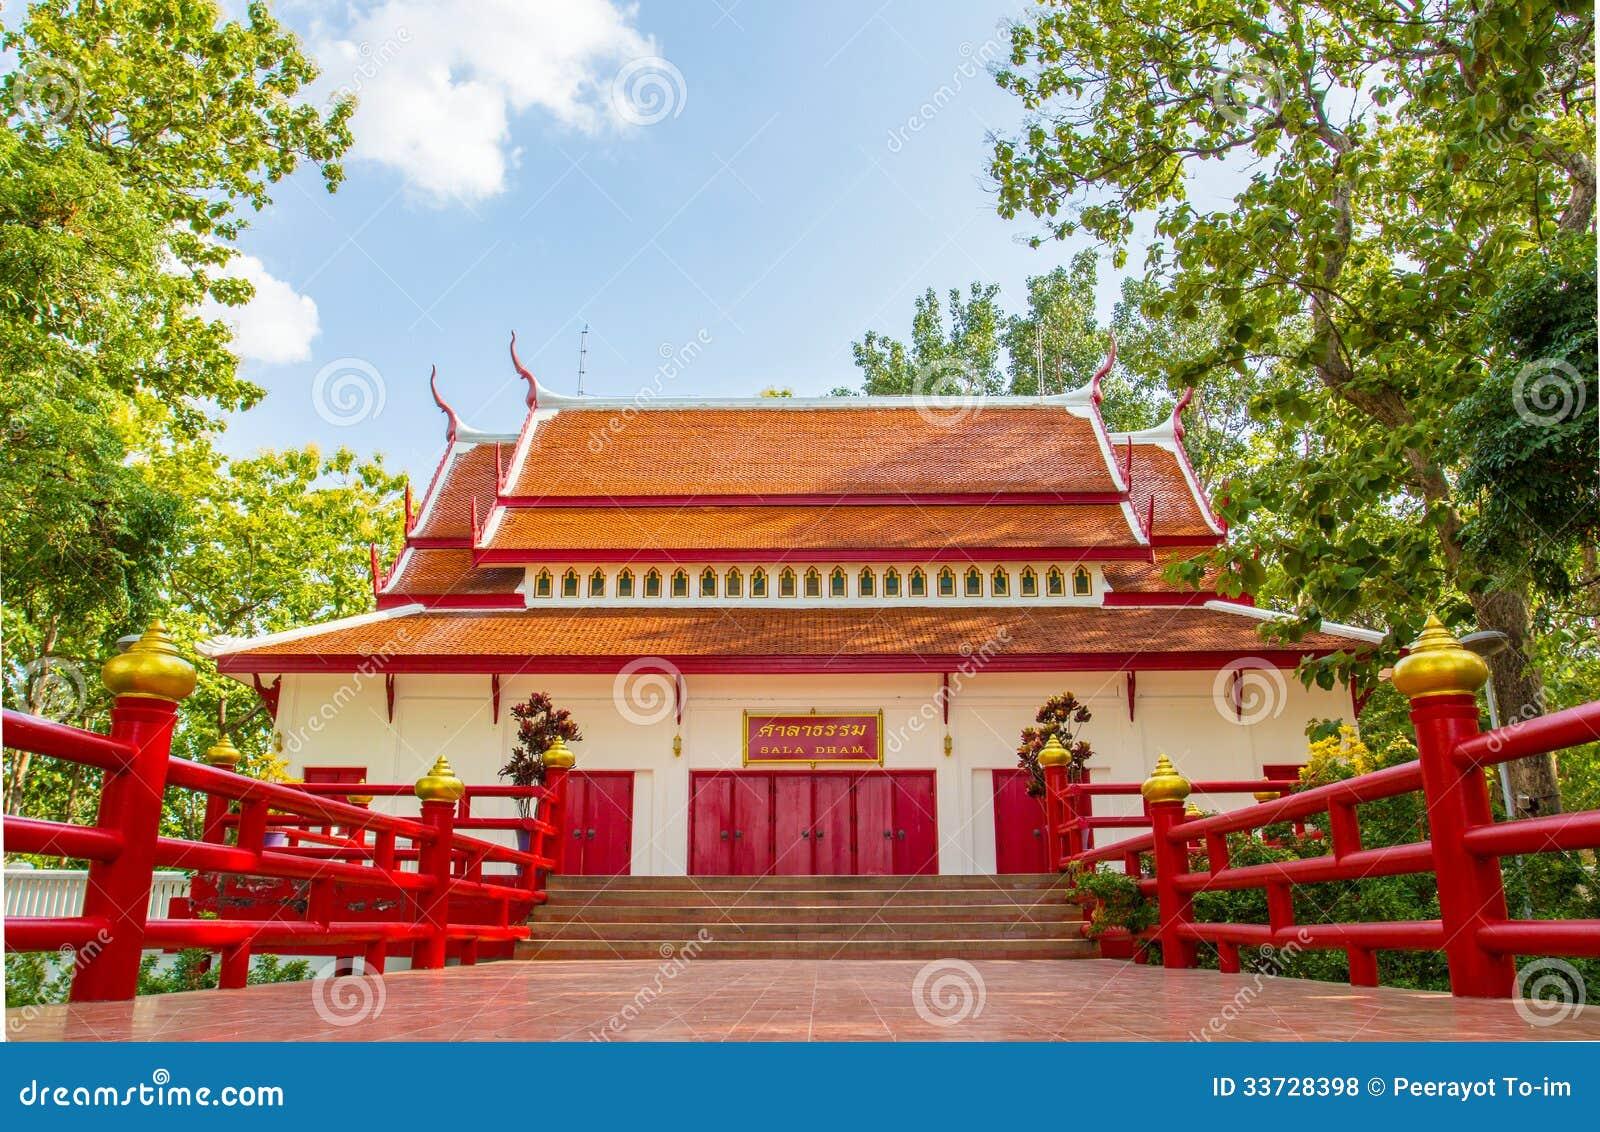 Тайская красивая архитектура, висок.